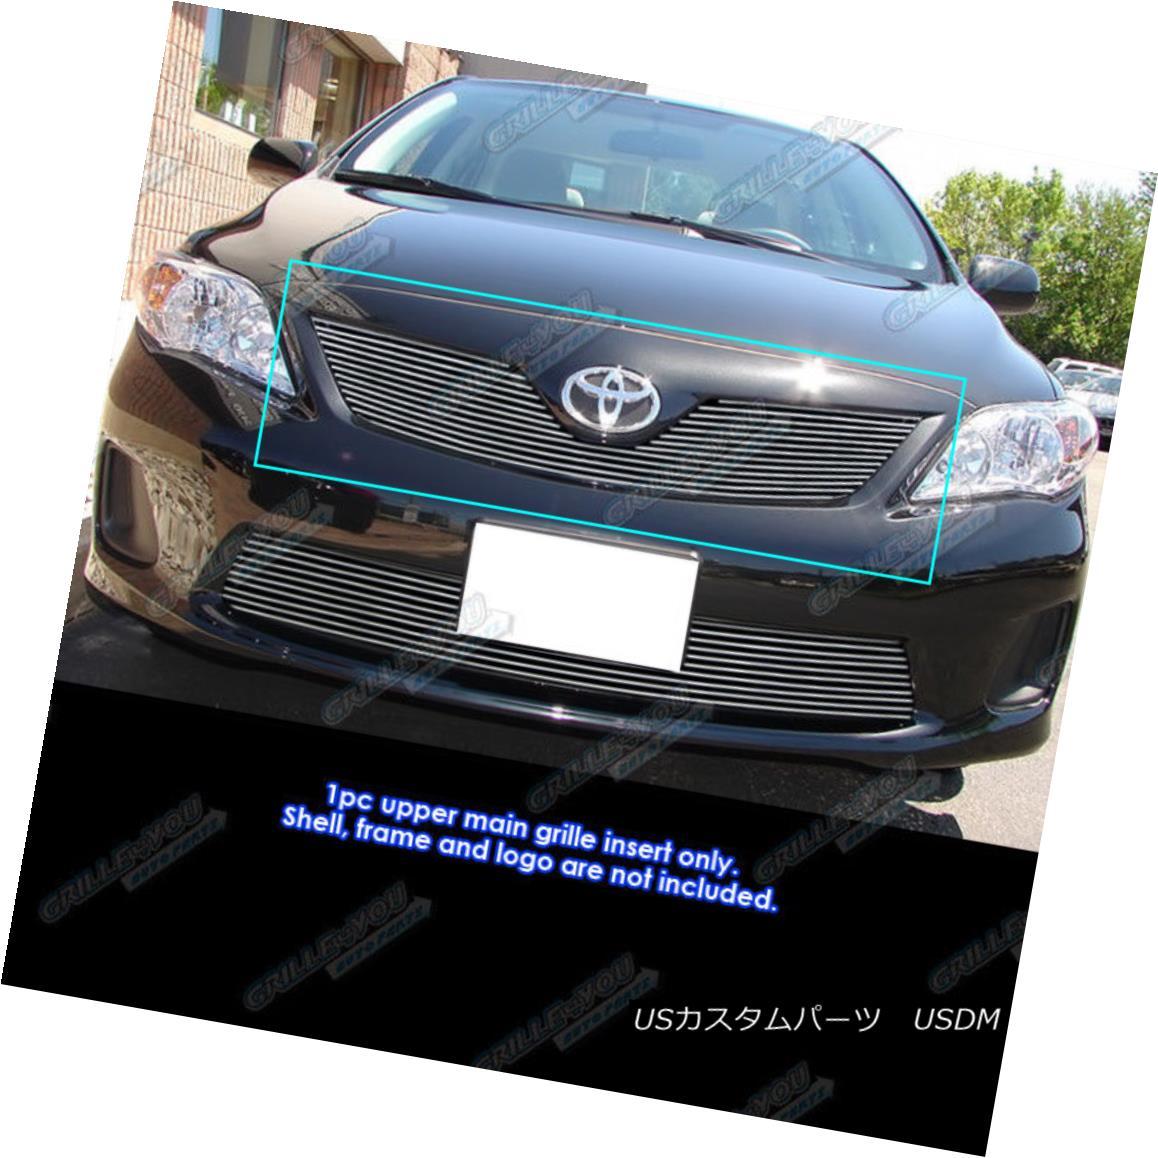 グリル Fits 2011-2013 Toyota Corolla Main Upper Billet Grille Grill Insert 2011-2013 Toyota Corollaメインアッパービレットグリルグリルインサート